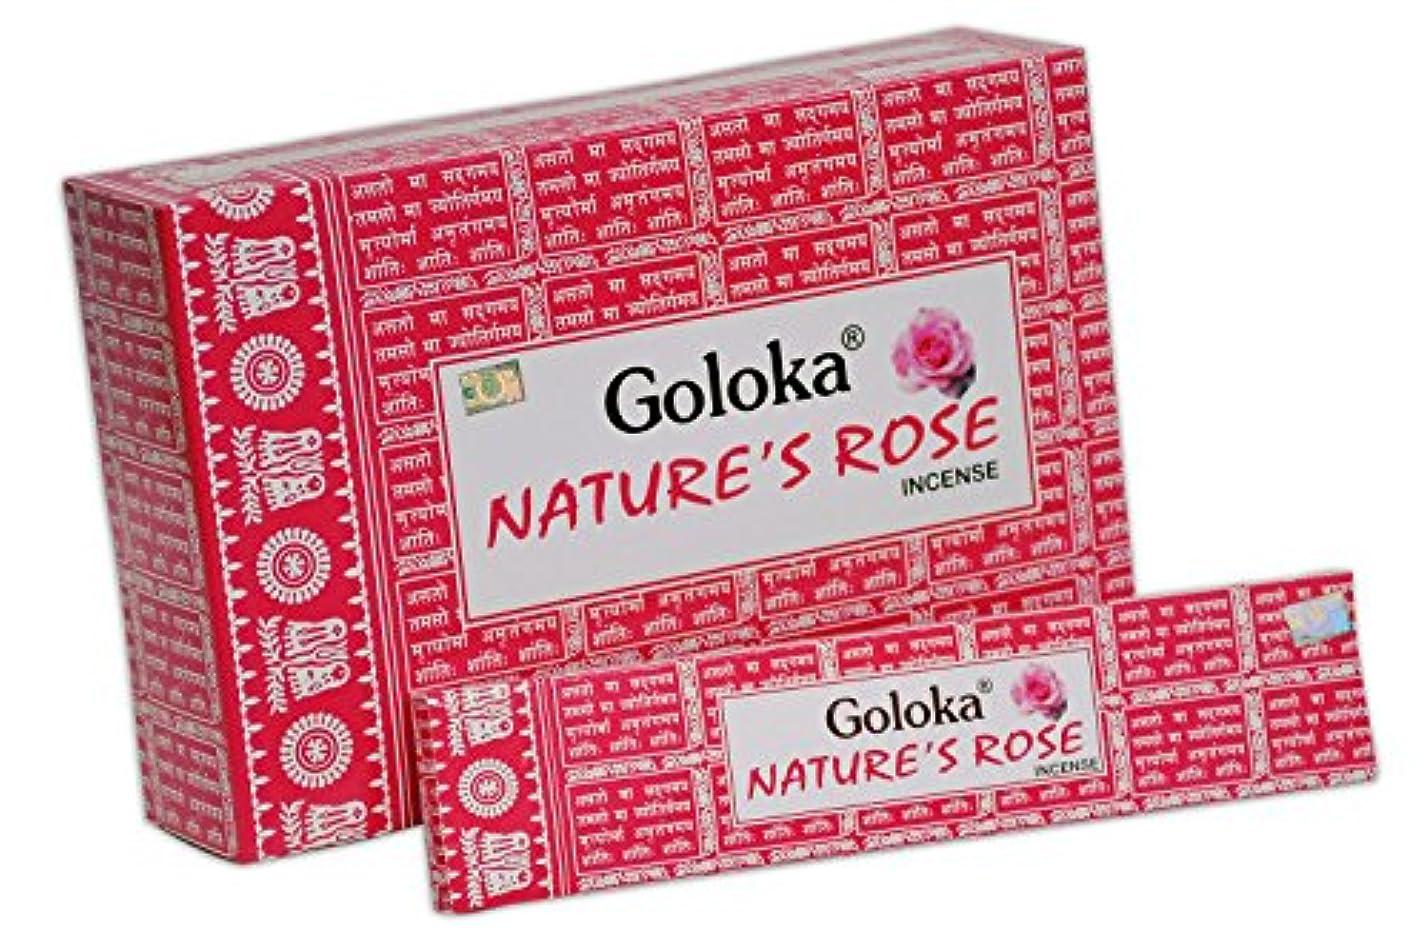 不承認分析クラシカルGoloka自然シリーズコレクションHigh End Incense sticks- 6ボックスの15 gms (合計90 gms)